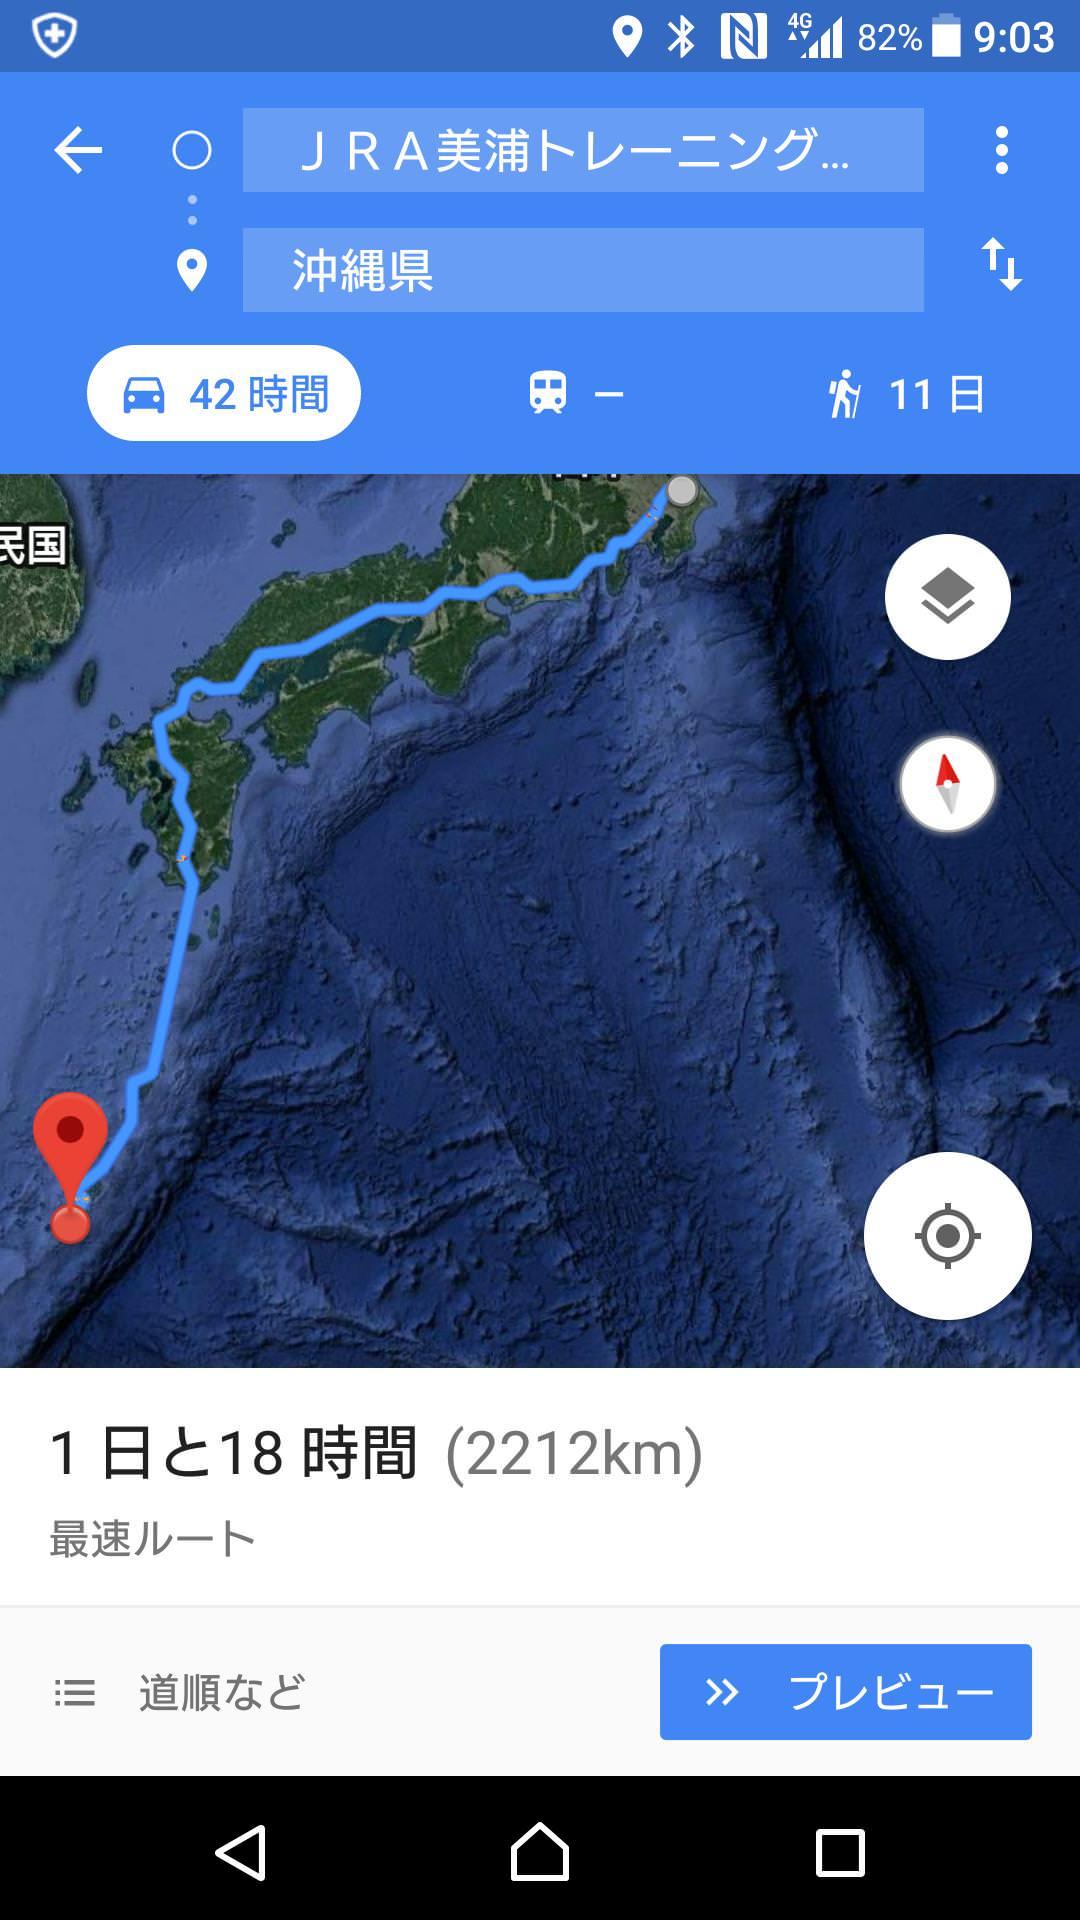 keiba 1517223359 3201 - 沖縄に競馬場作れば冬季間のナイター独占でウハウハという説